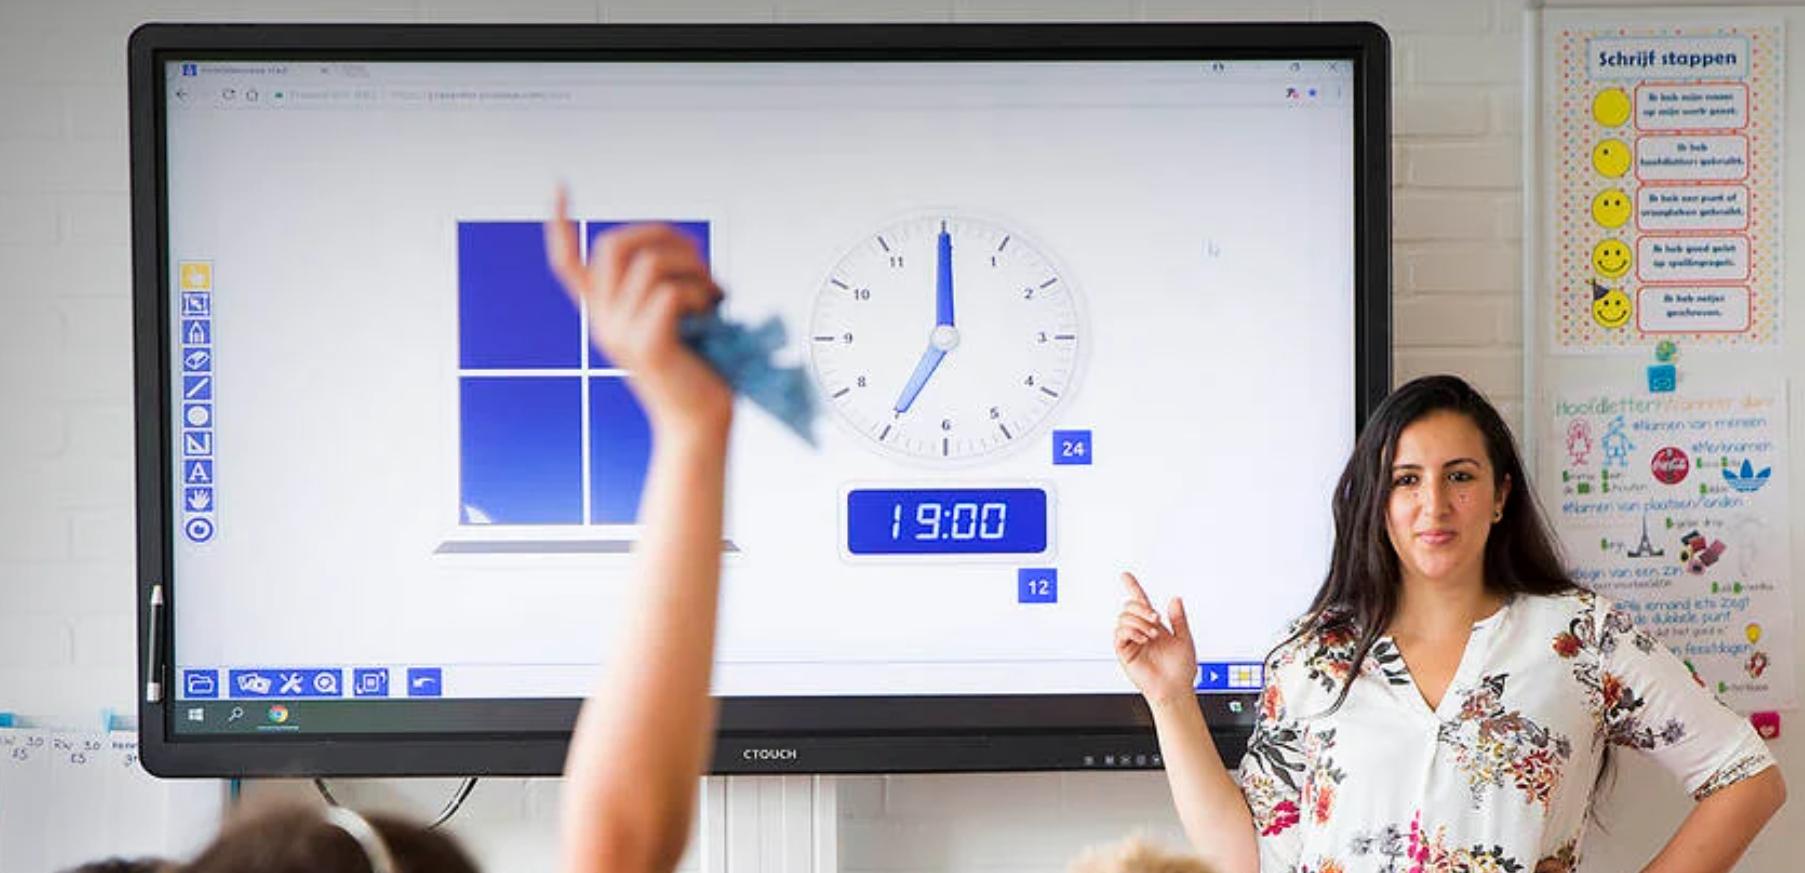 Webinar techniek modern klaslokaal